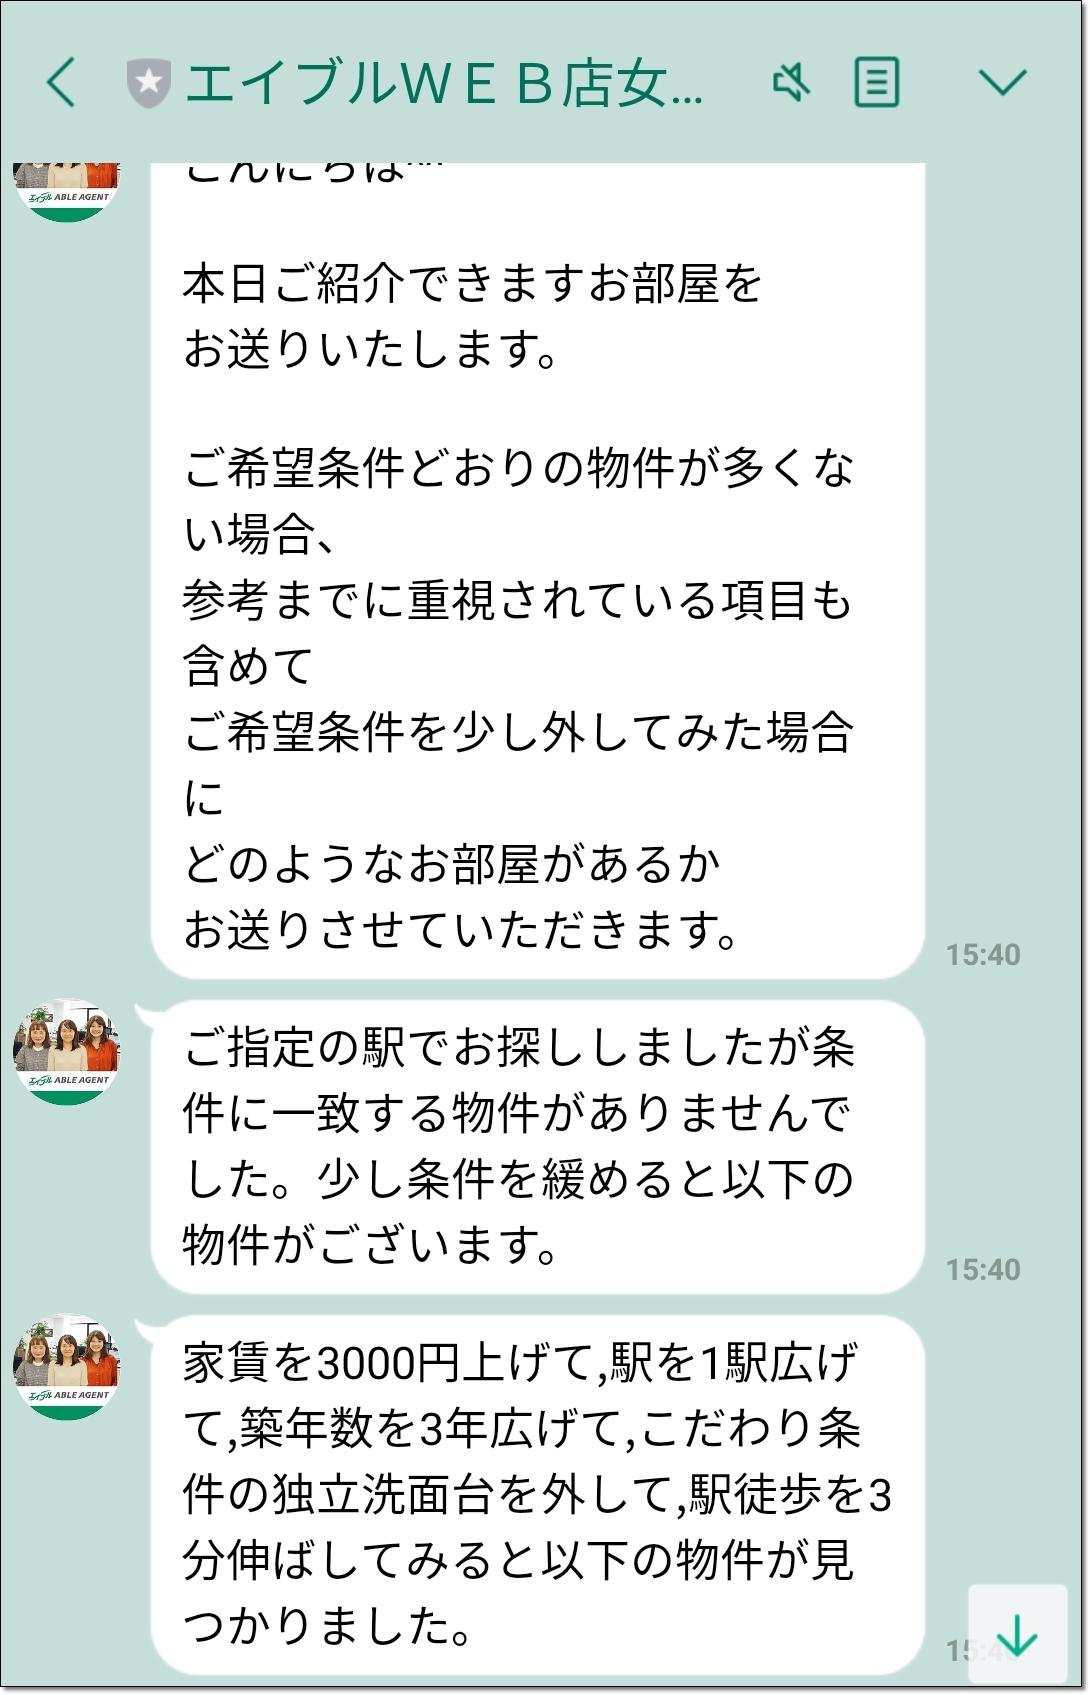 エイブルエージェントLINE1